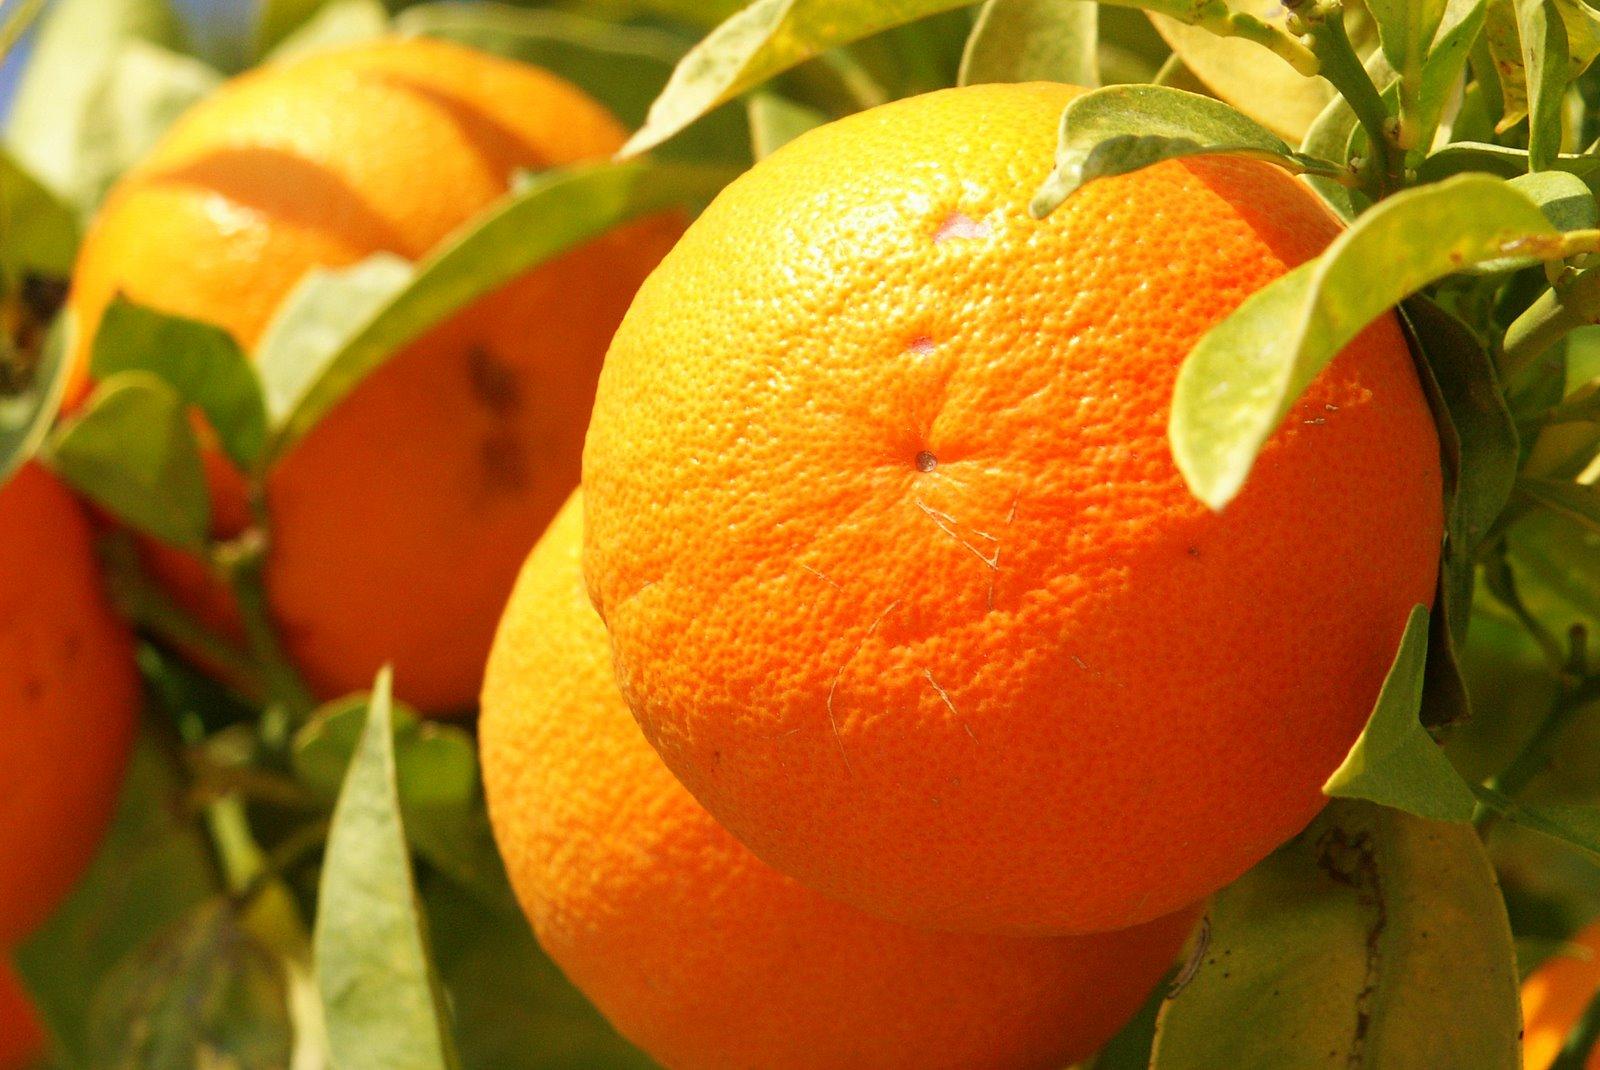 orange [image]